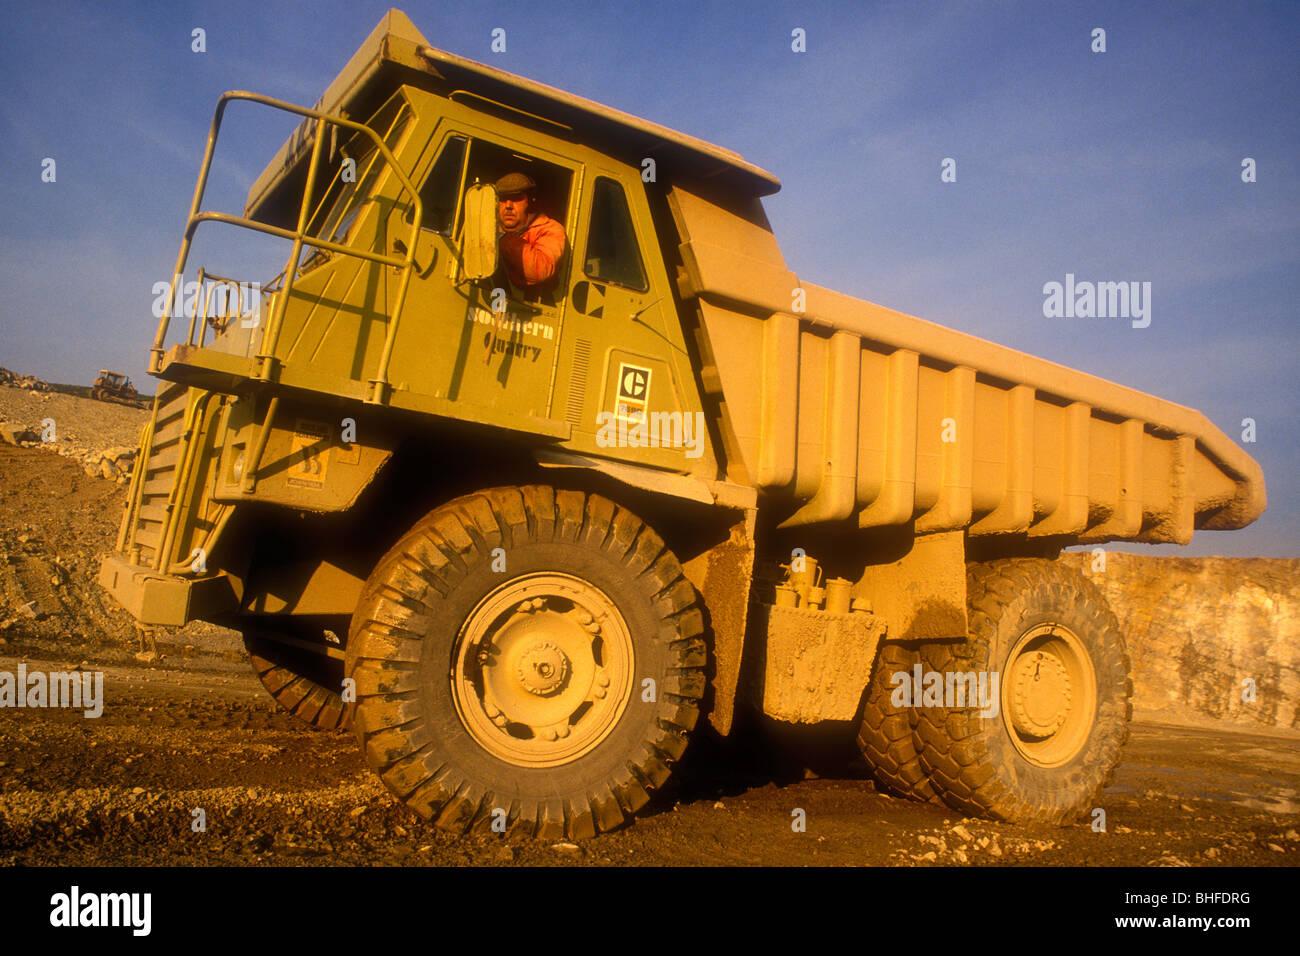 Giant caterpillar quarry dump truck